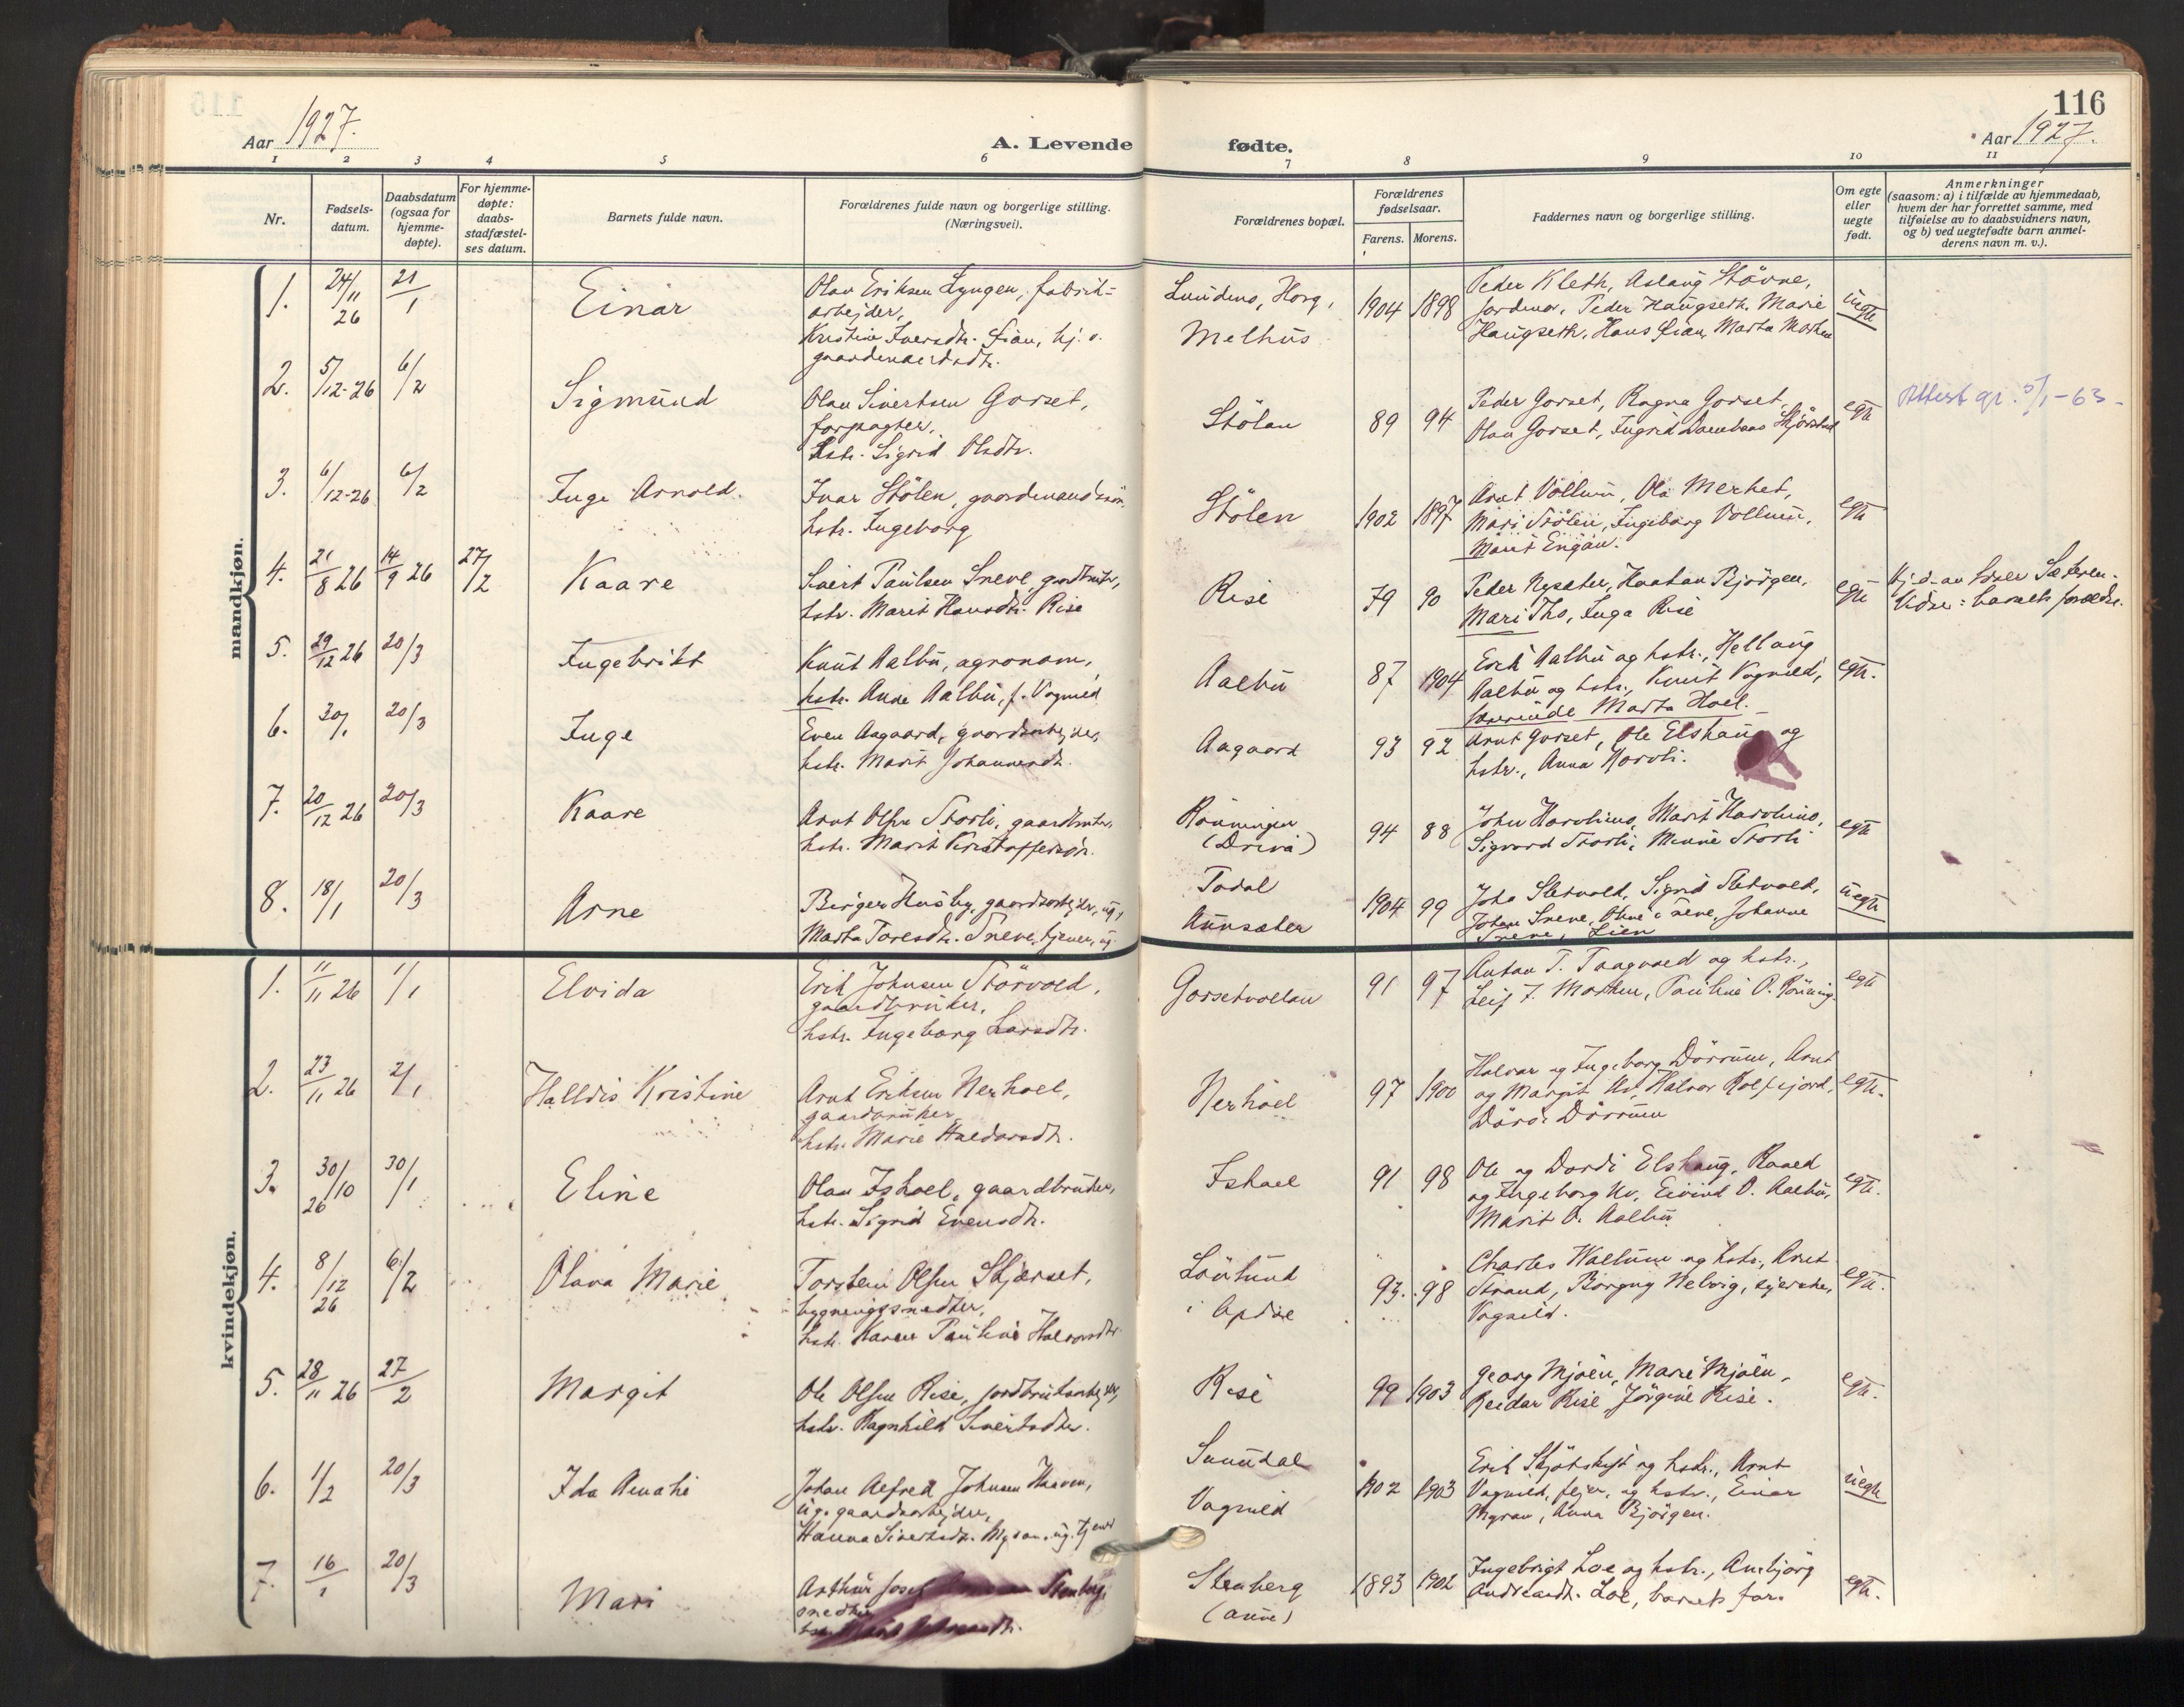 SAT, Ministerialprotokoller, klokkerbøker og fødselsregistre - Sør-Trøndelag, 678/L0909: Ministerialbok nr. 678A17, 1912-1930, s. 116